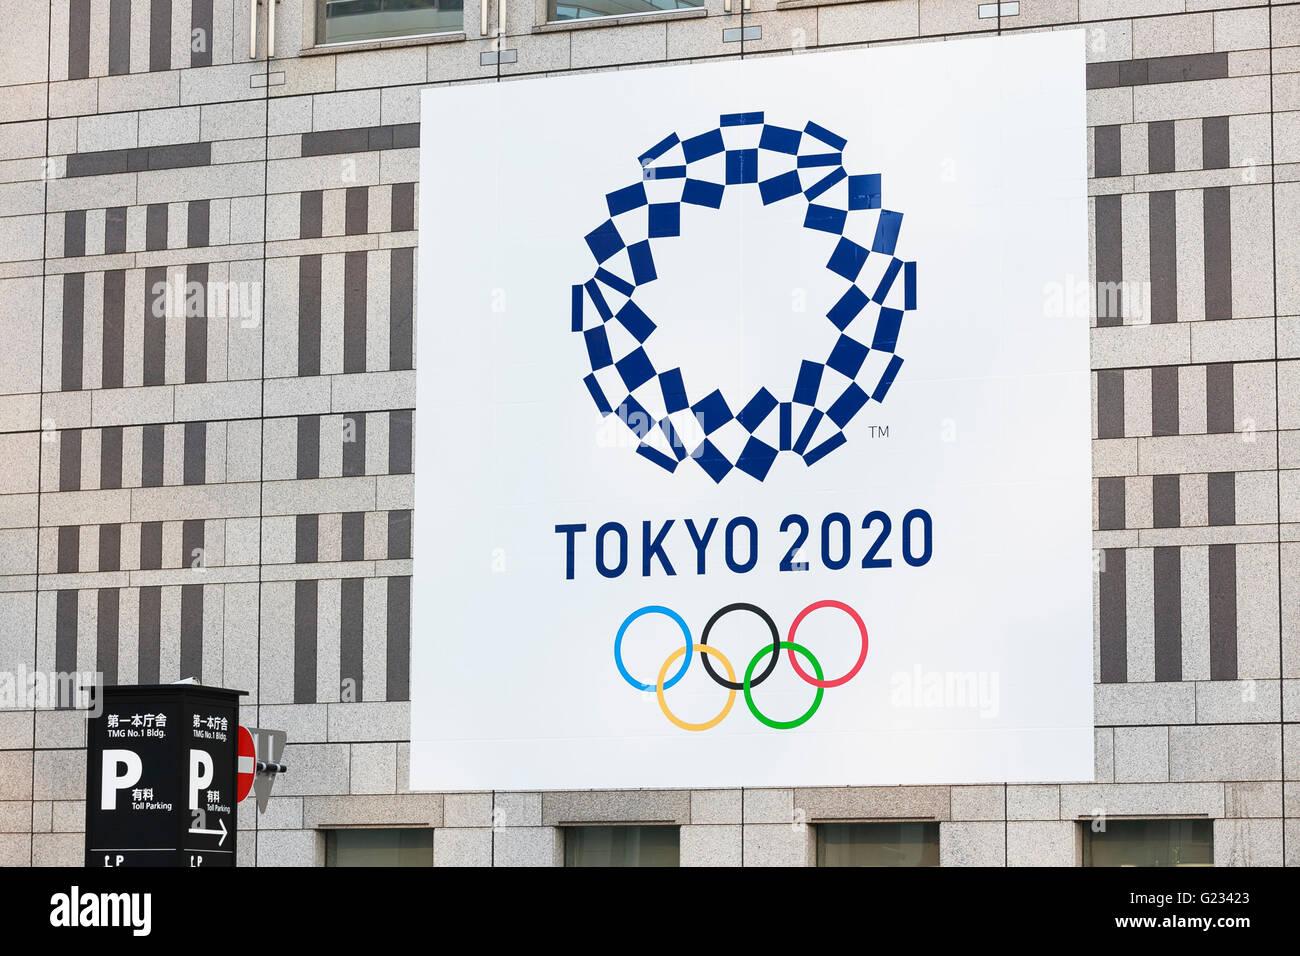 Un Enorme Logo De Los Juegos Olimpicos De Tokio 2020 En La Pantalla